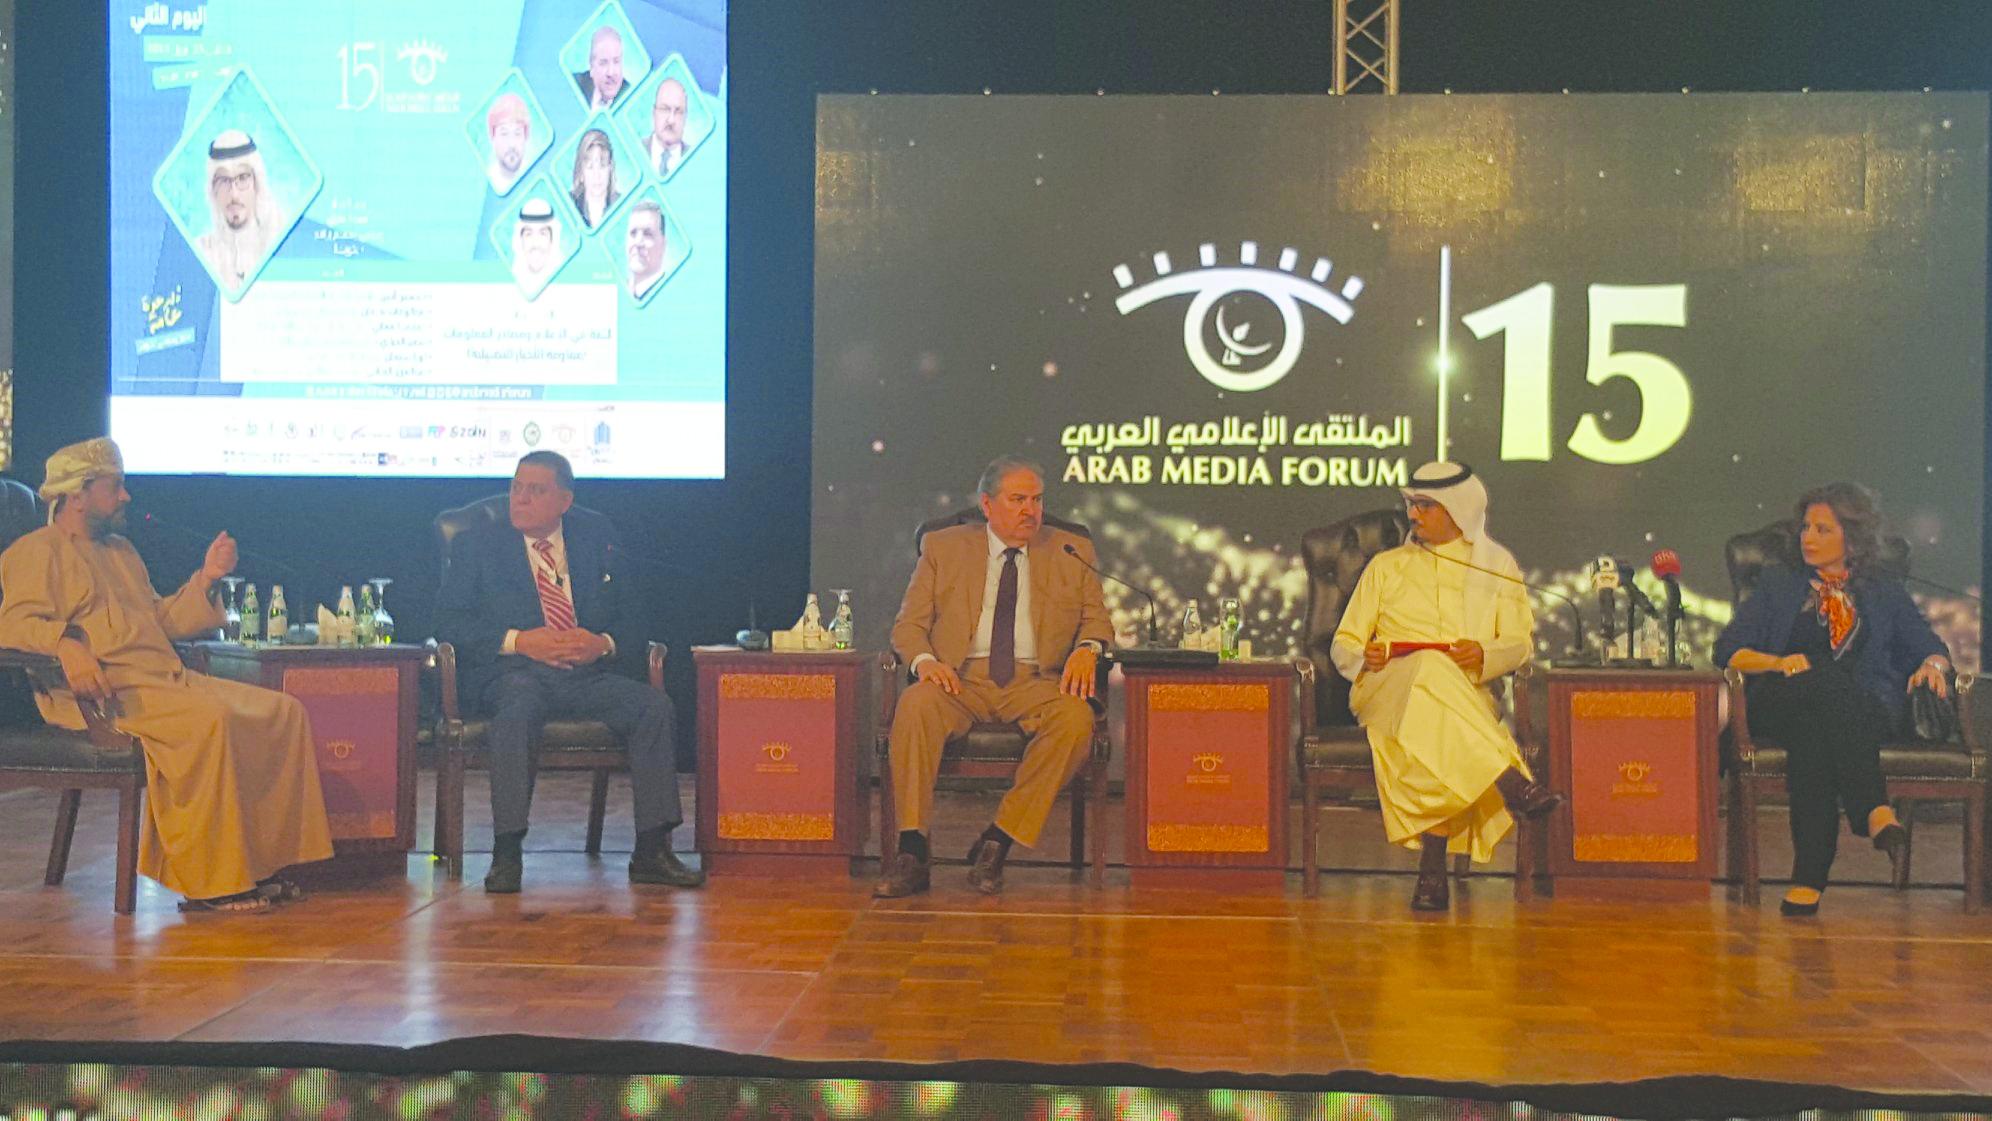 الشؤون الرياضية تشارك في الملتقى العربي للإعلام الشبابي بتونس